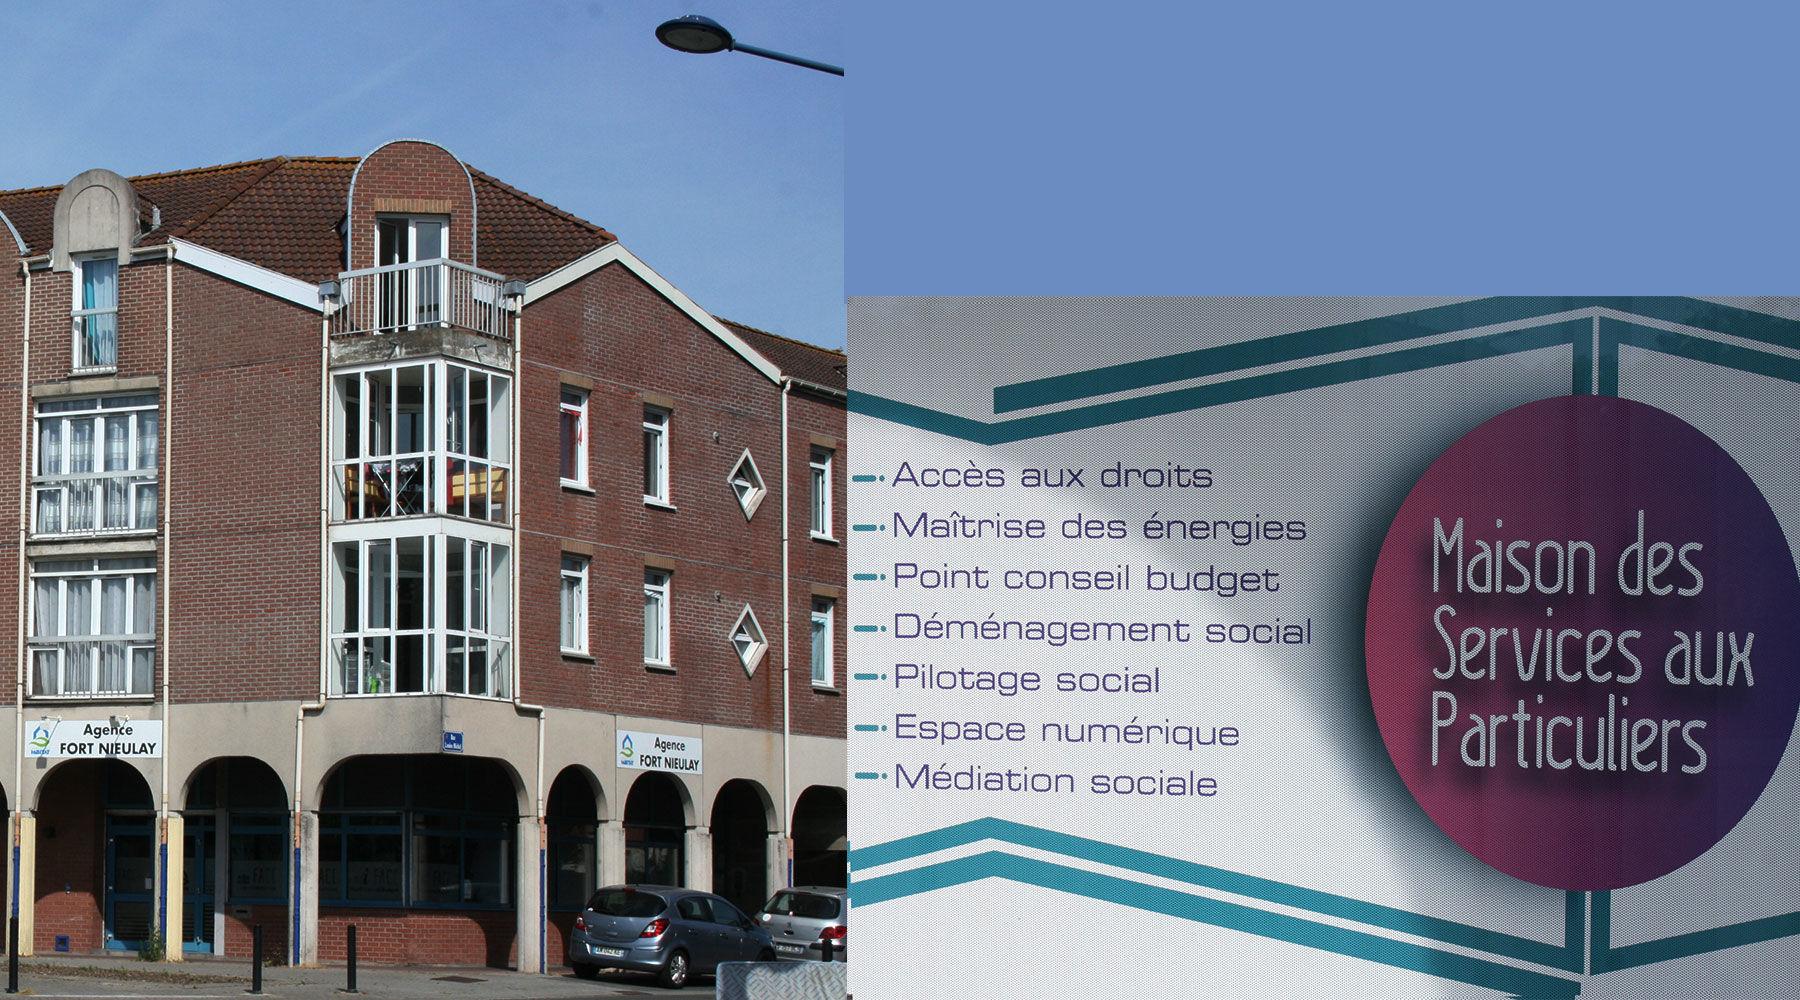 une_maison_des_services_tres_operationnelle_1_slide